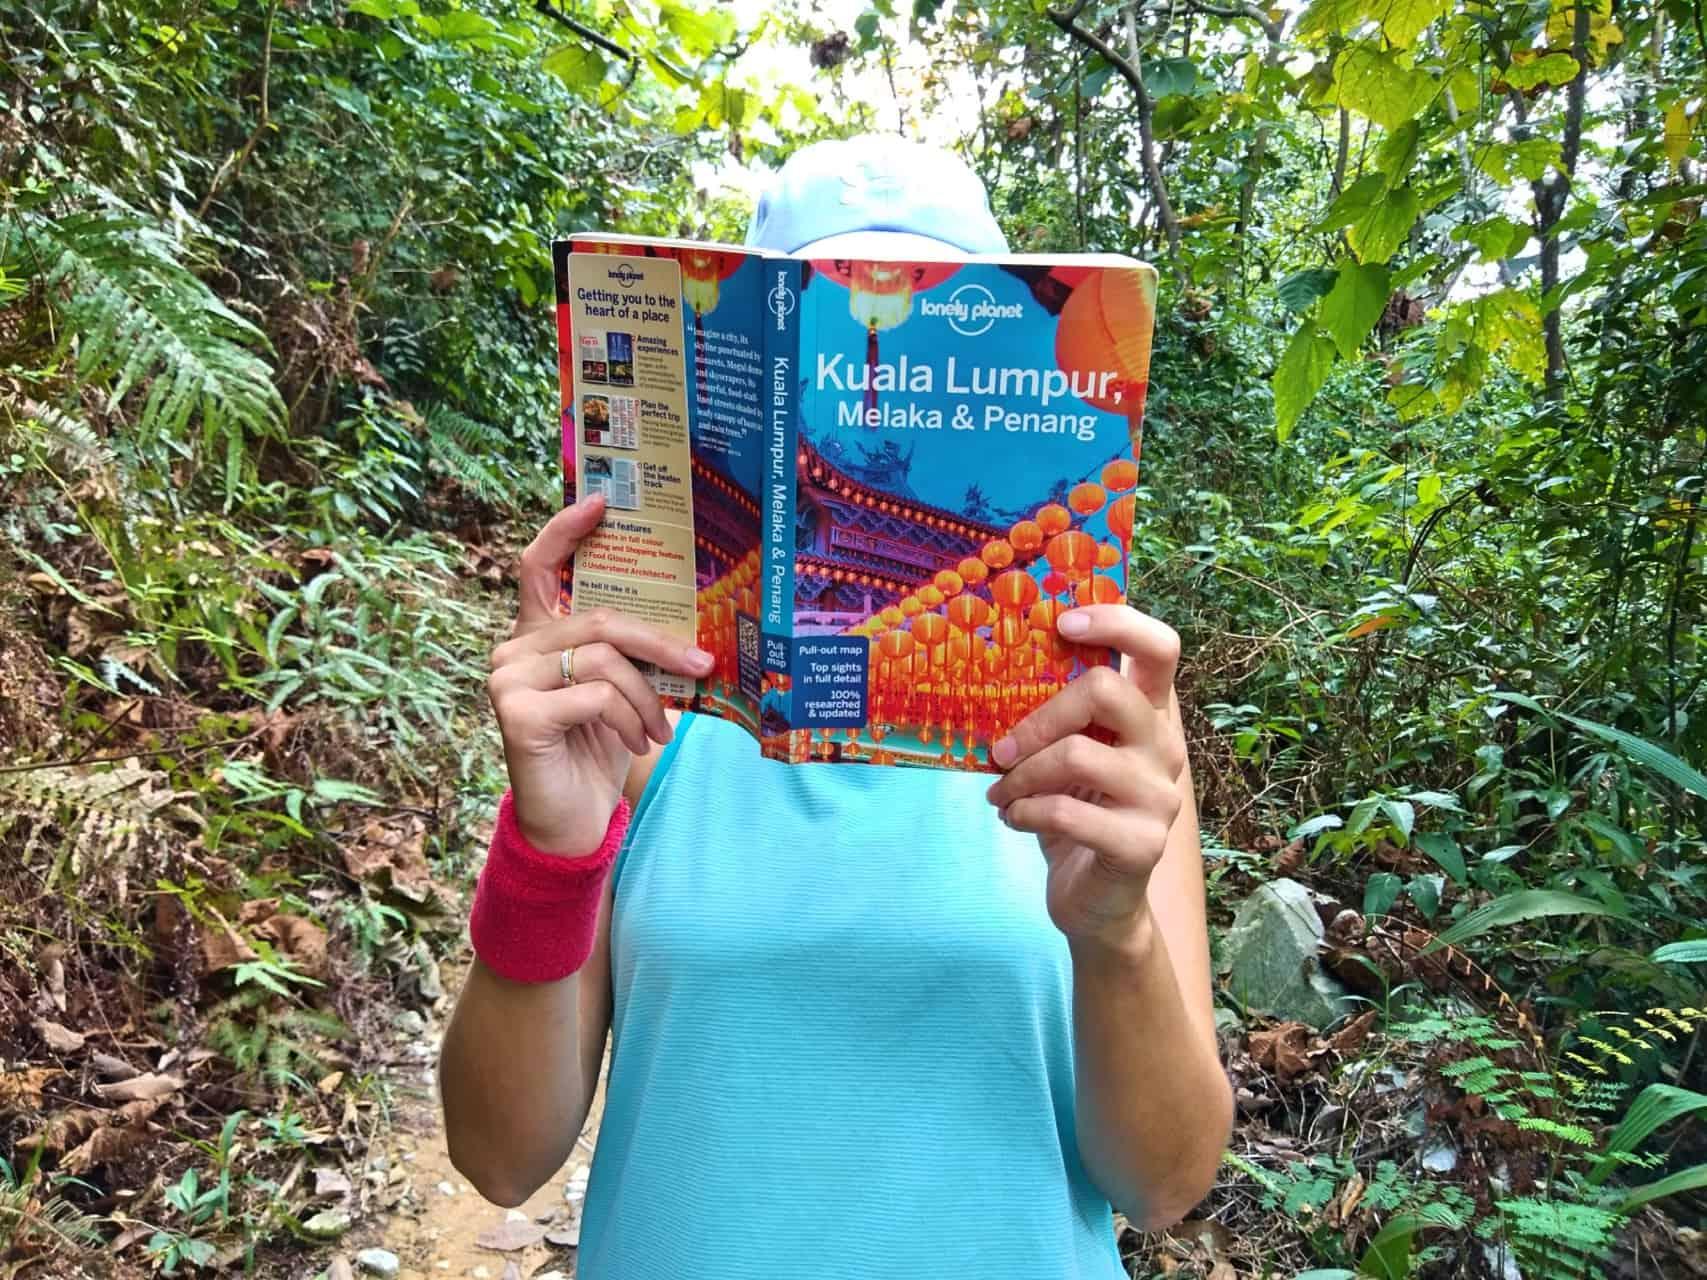 jungle-hiking-Bukit-Kiara-Kuala-Lumpur-Malaysia ] Travel Mermaid